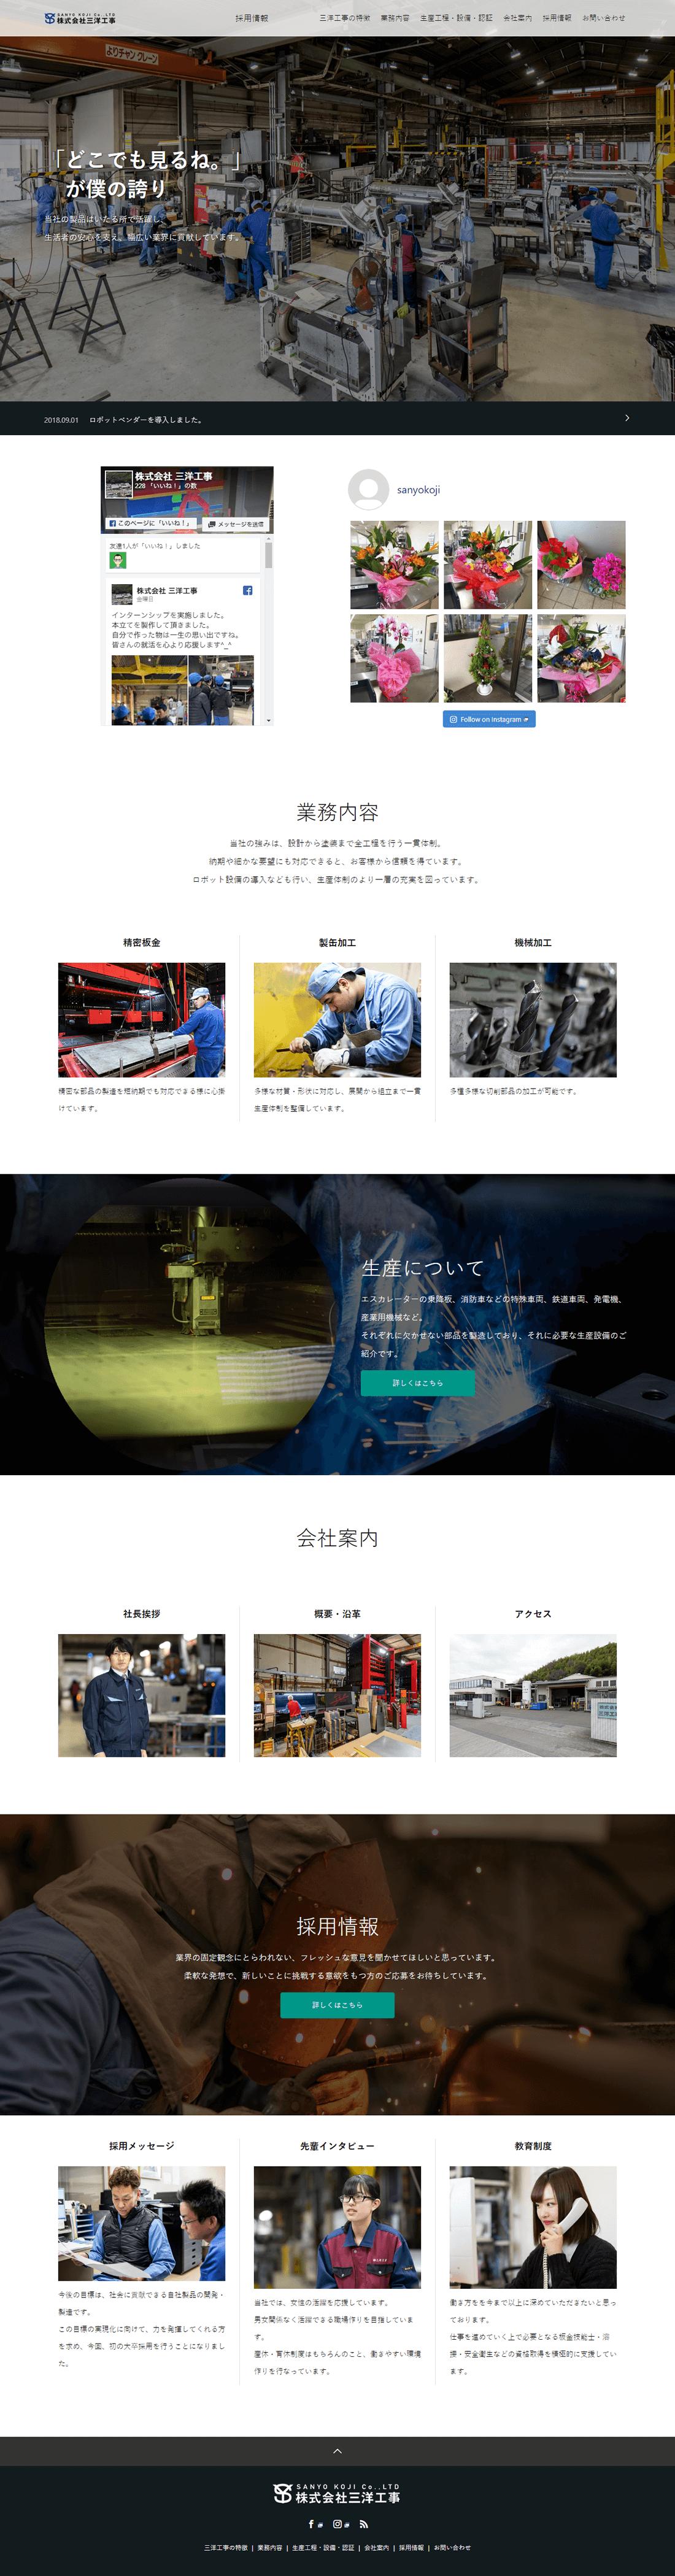 揖保郡 株式会社三洋工事 ホームページ制作1